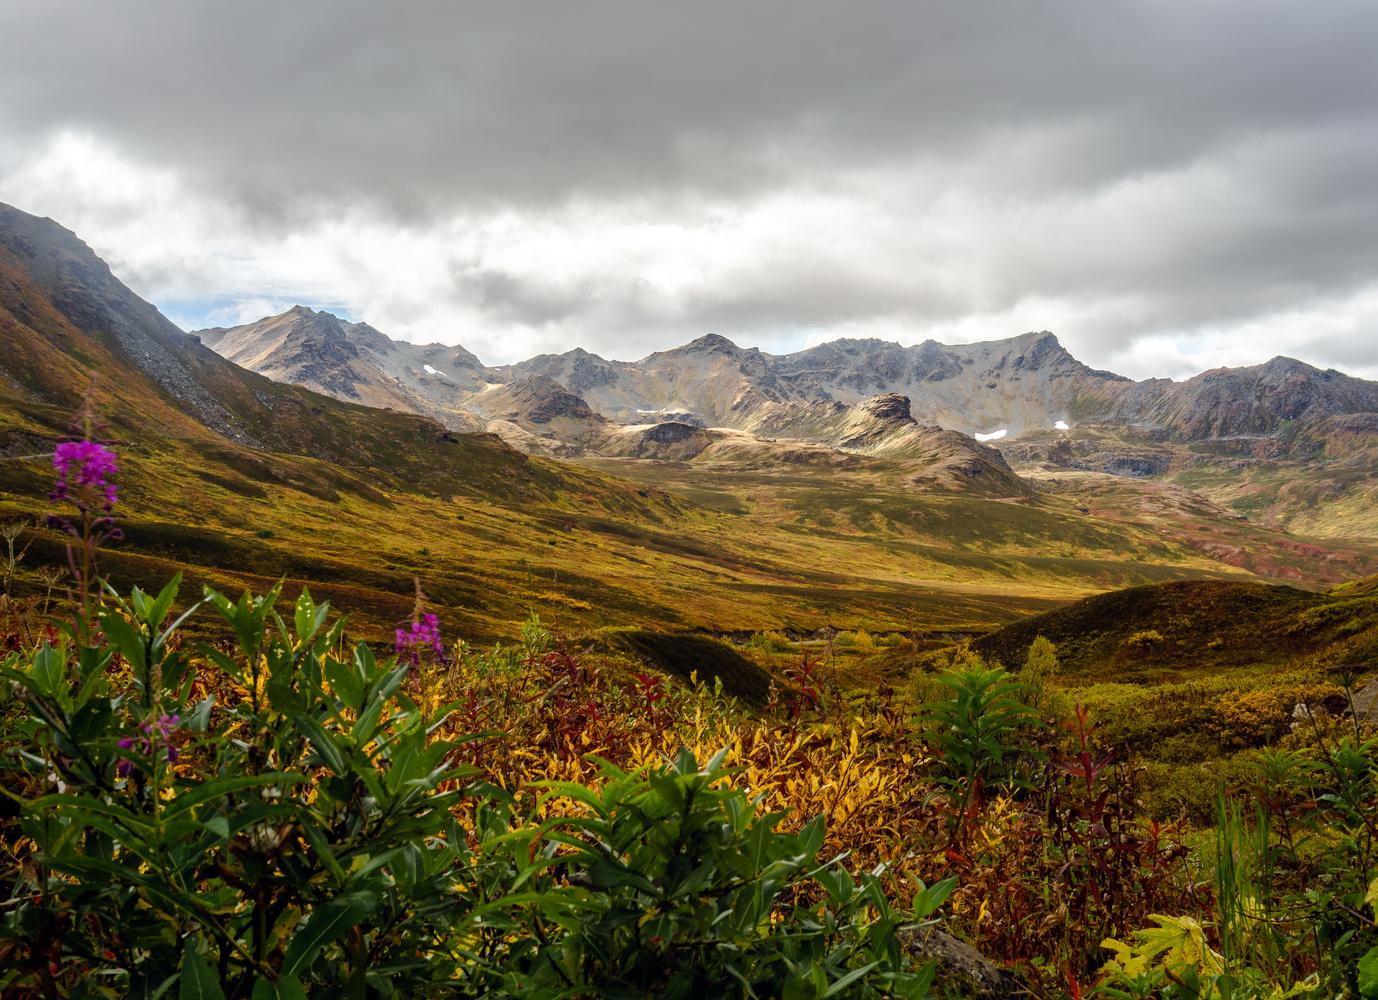 Bald Mountain Ridge by TYLER YATES